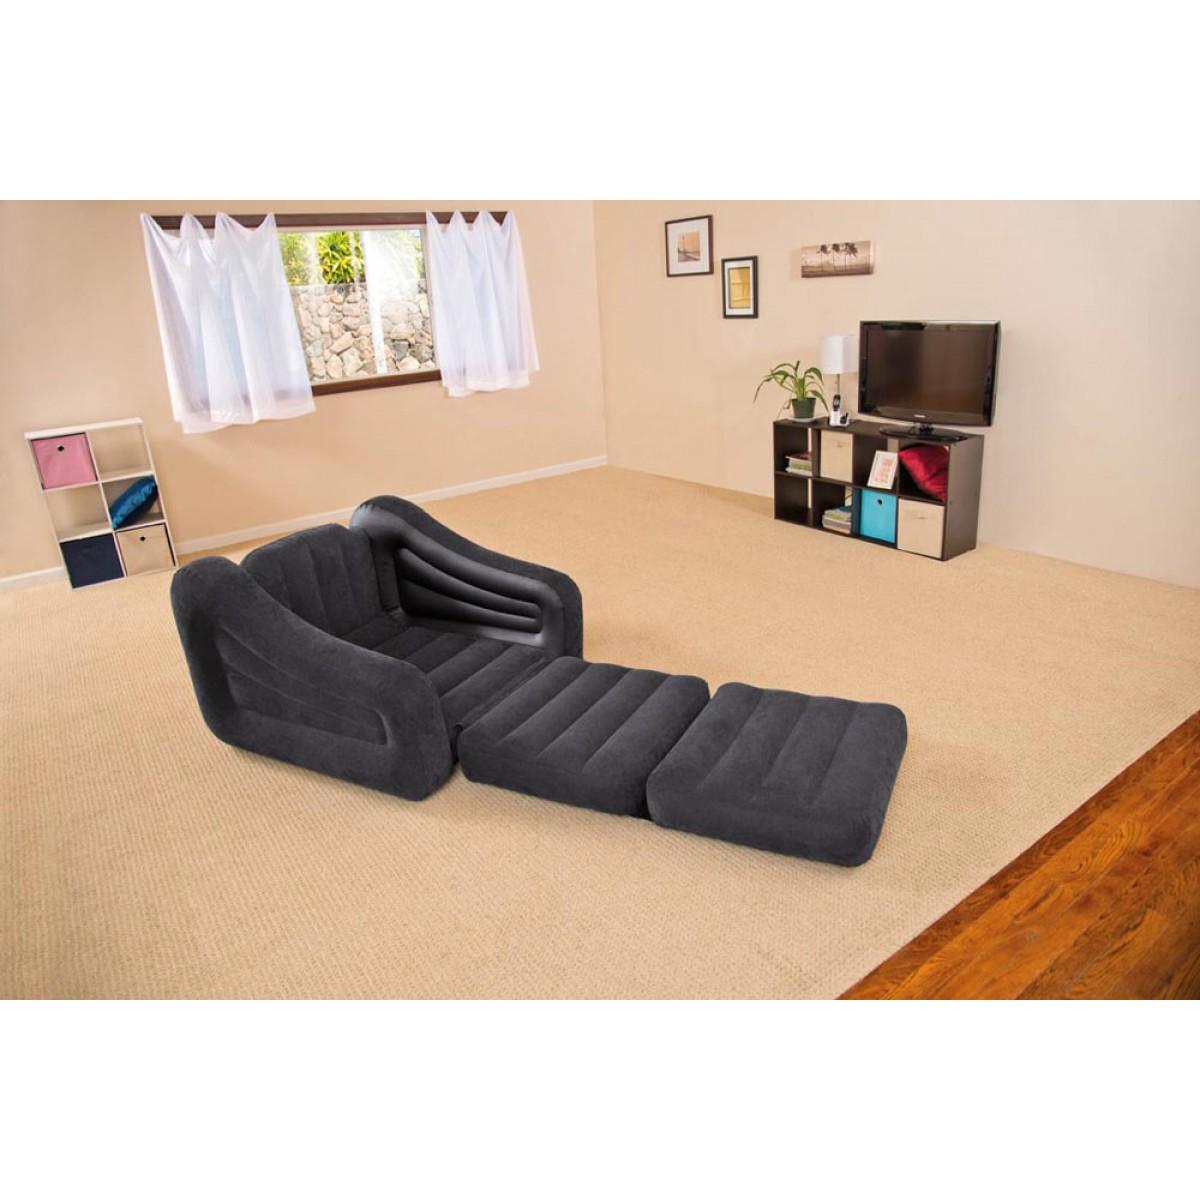 Sofa bed materasso intex gonfiabile divano poltrona 68565 for Poltrona letto